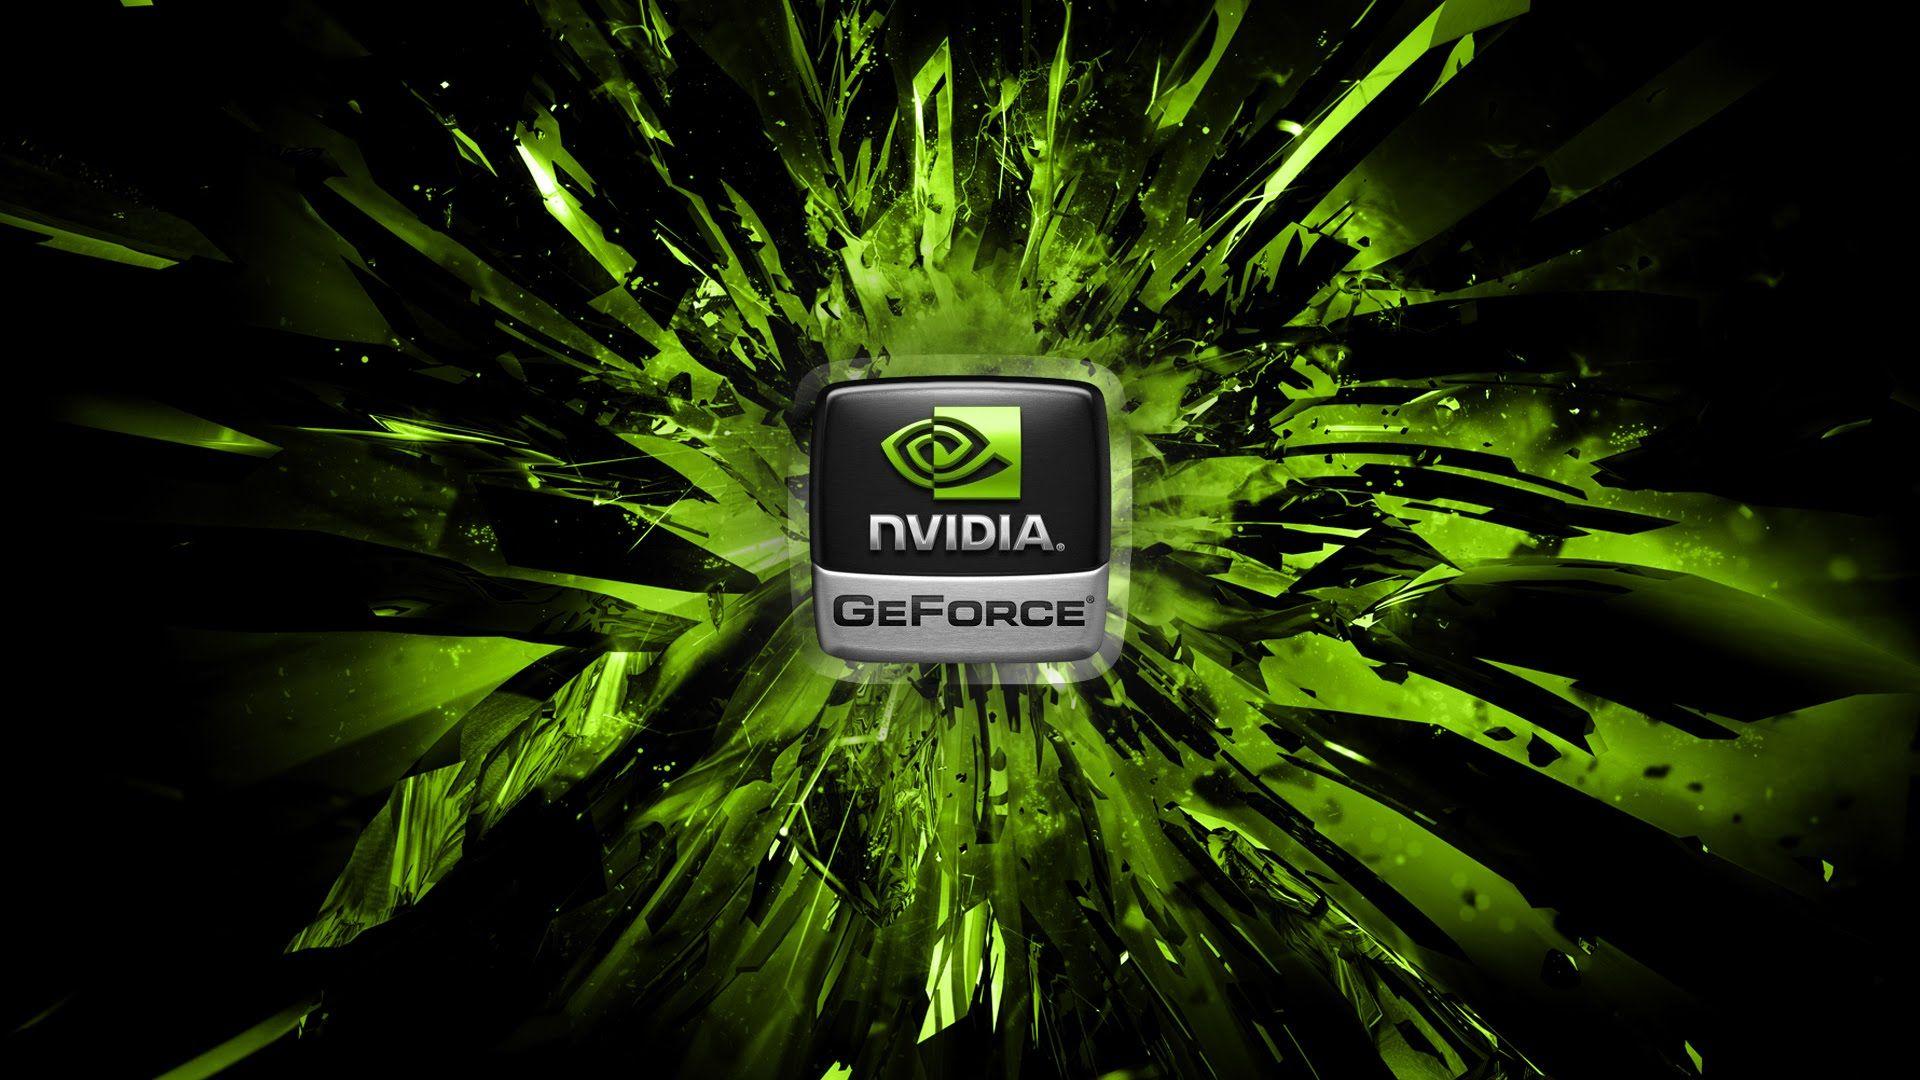 Nvidia S Gtx 1080 And Gtx 1070 Revealed